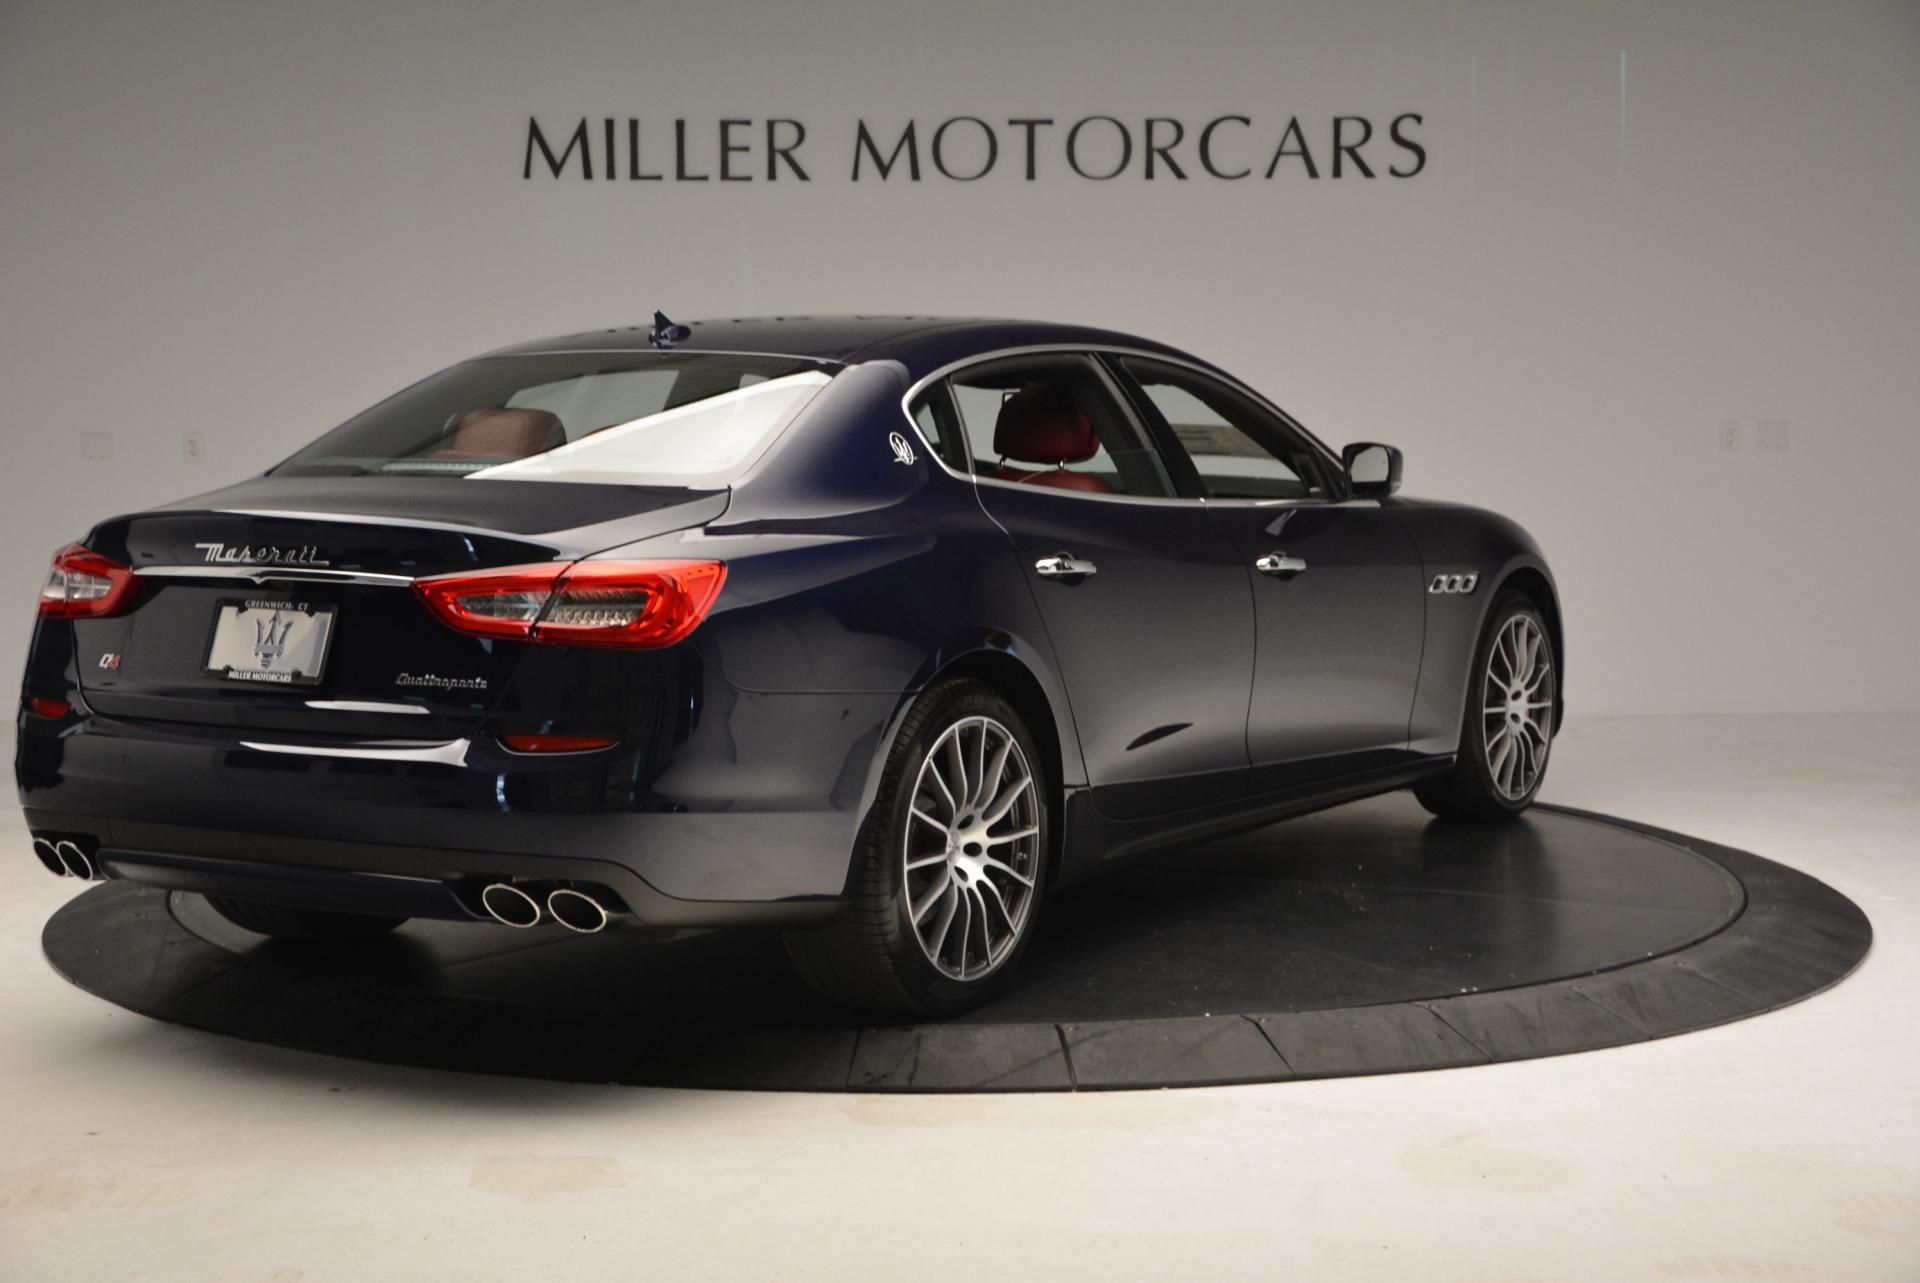 New 2016 Maserati Quattroporte S Q4  *******      DEALER'S  DEMO For Sale In Greenwich, CT 185_p8